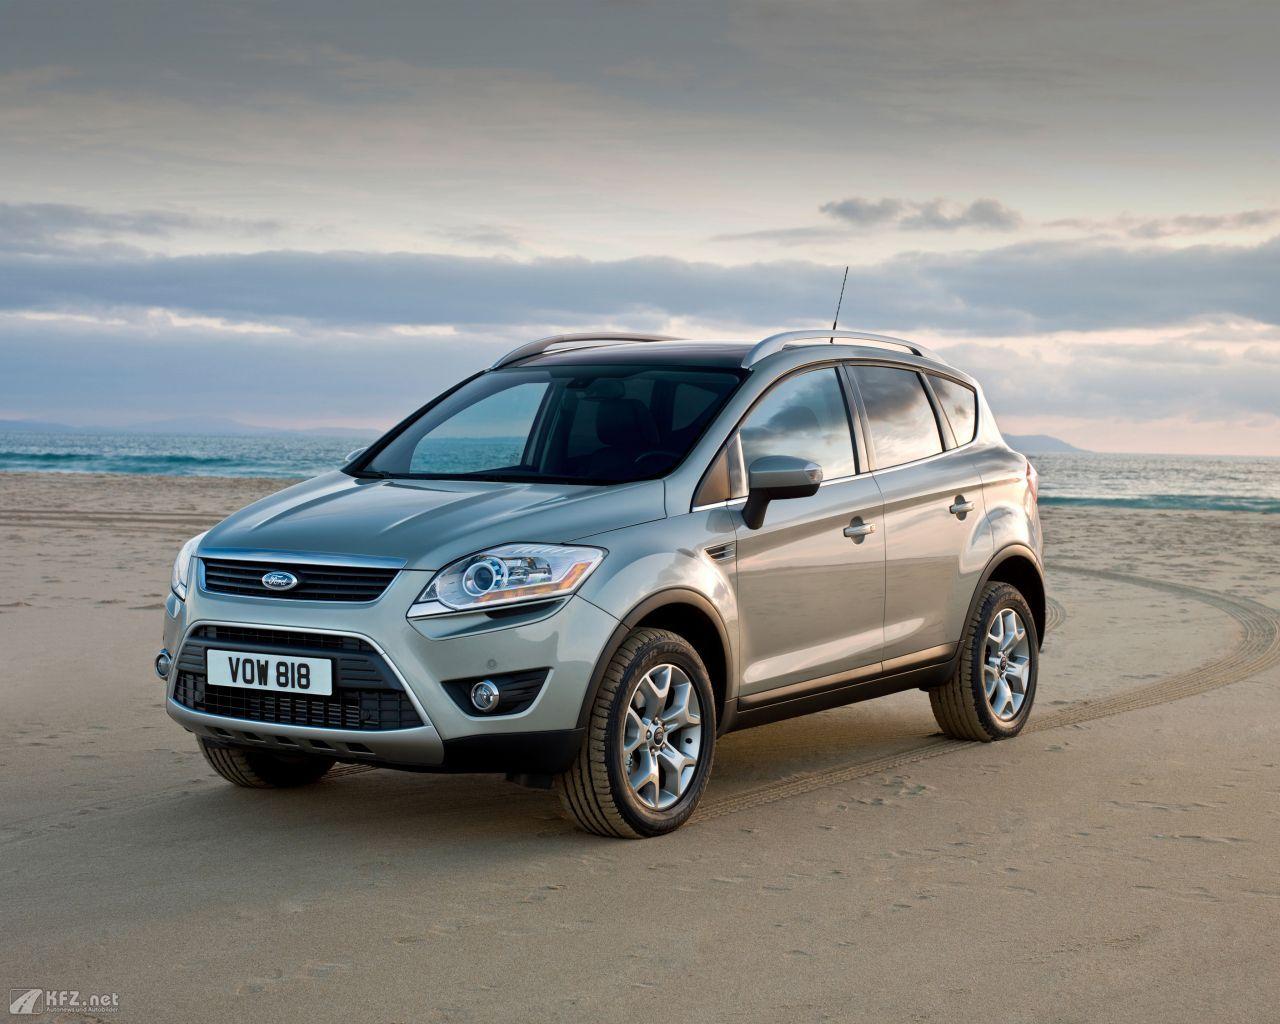 Ford kuga bilder ein 4x4 crossover gel ndewagen